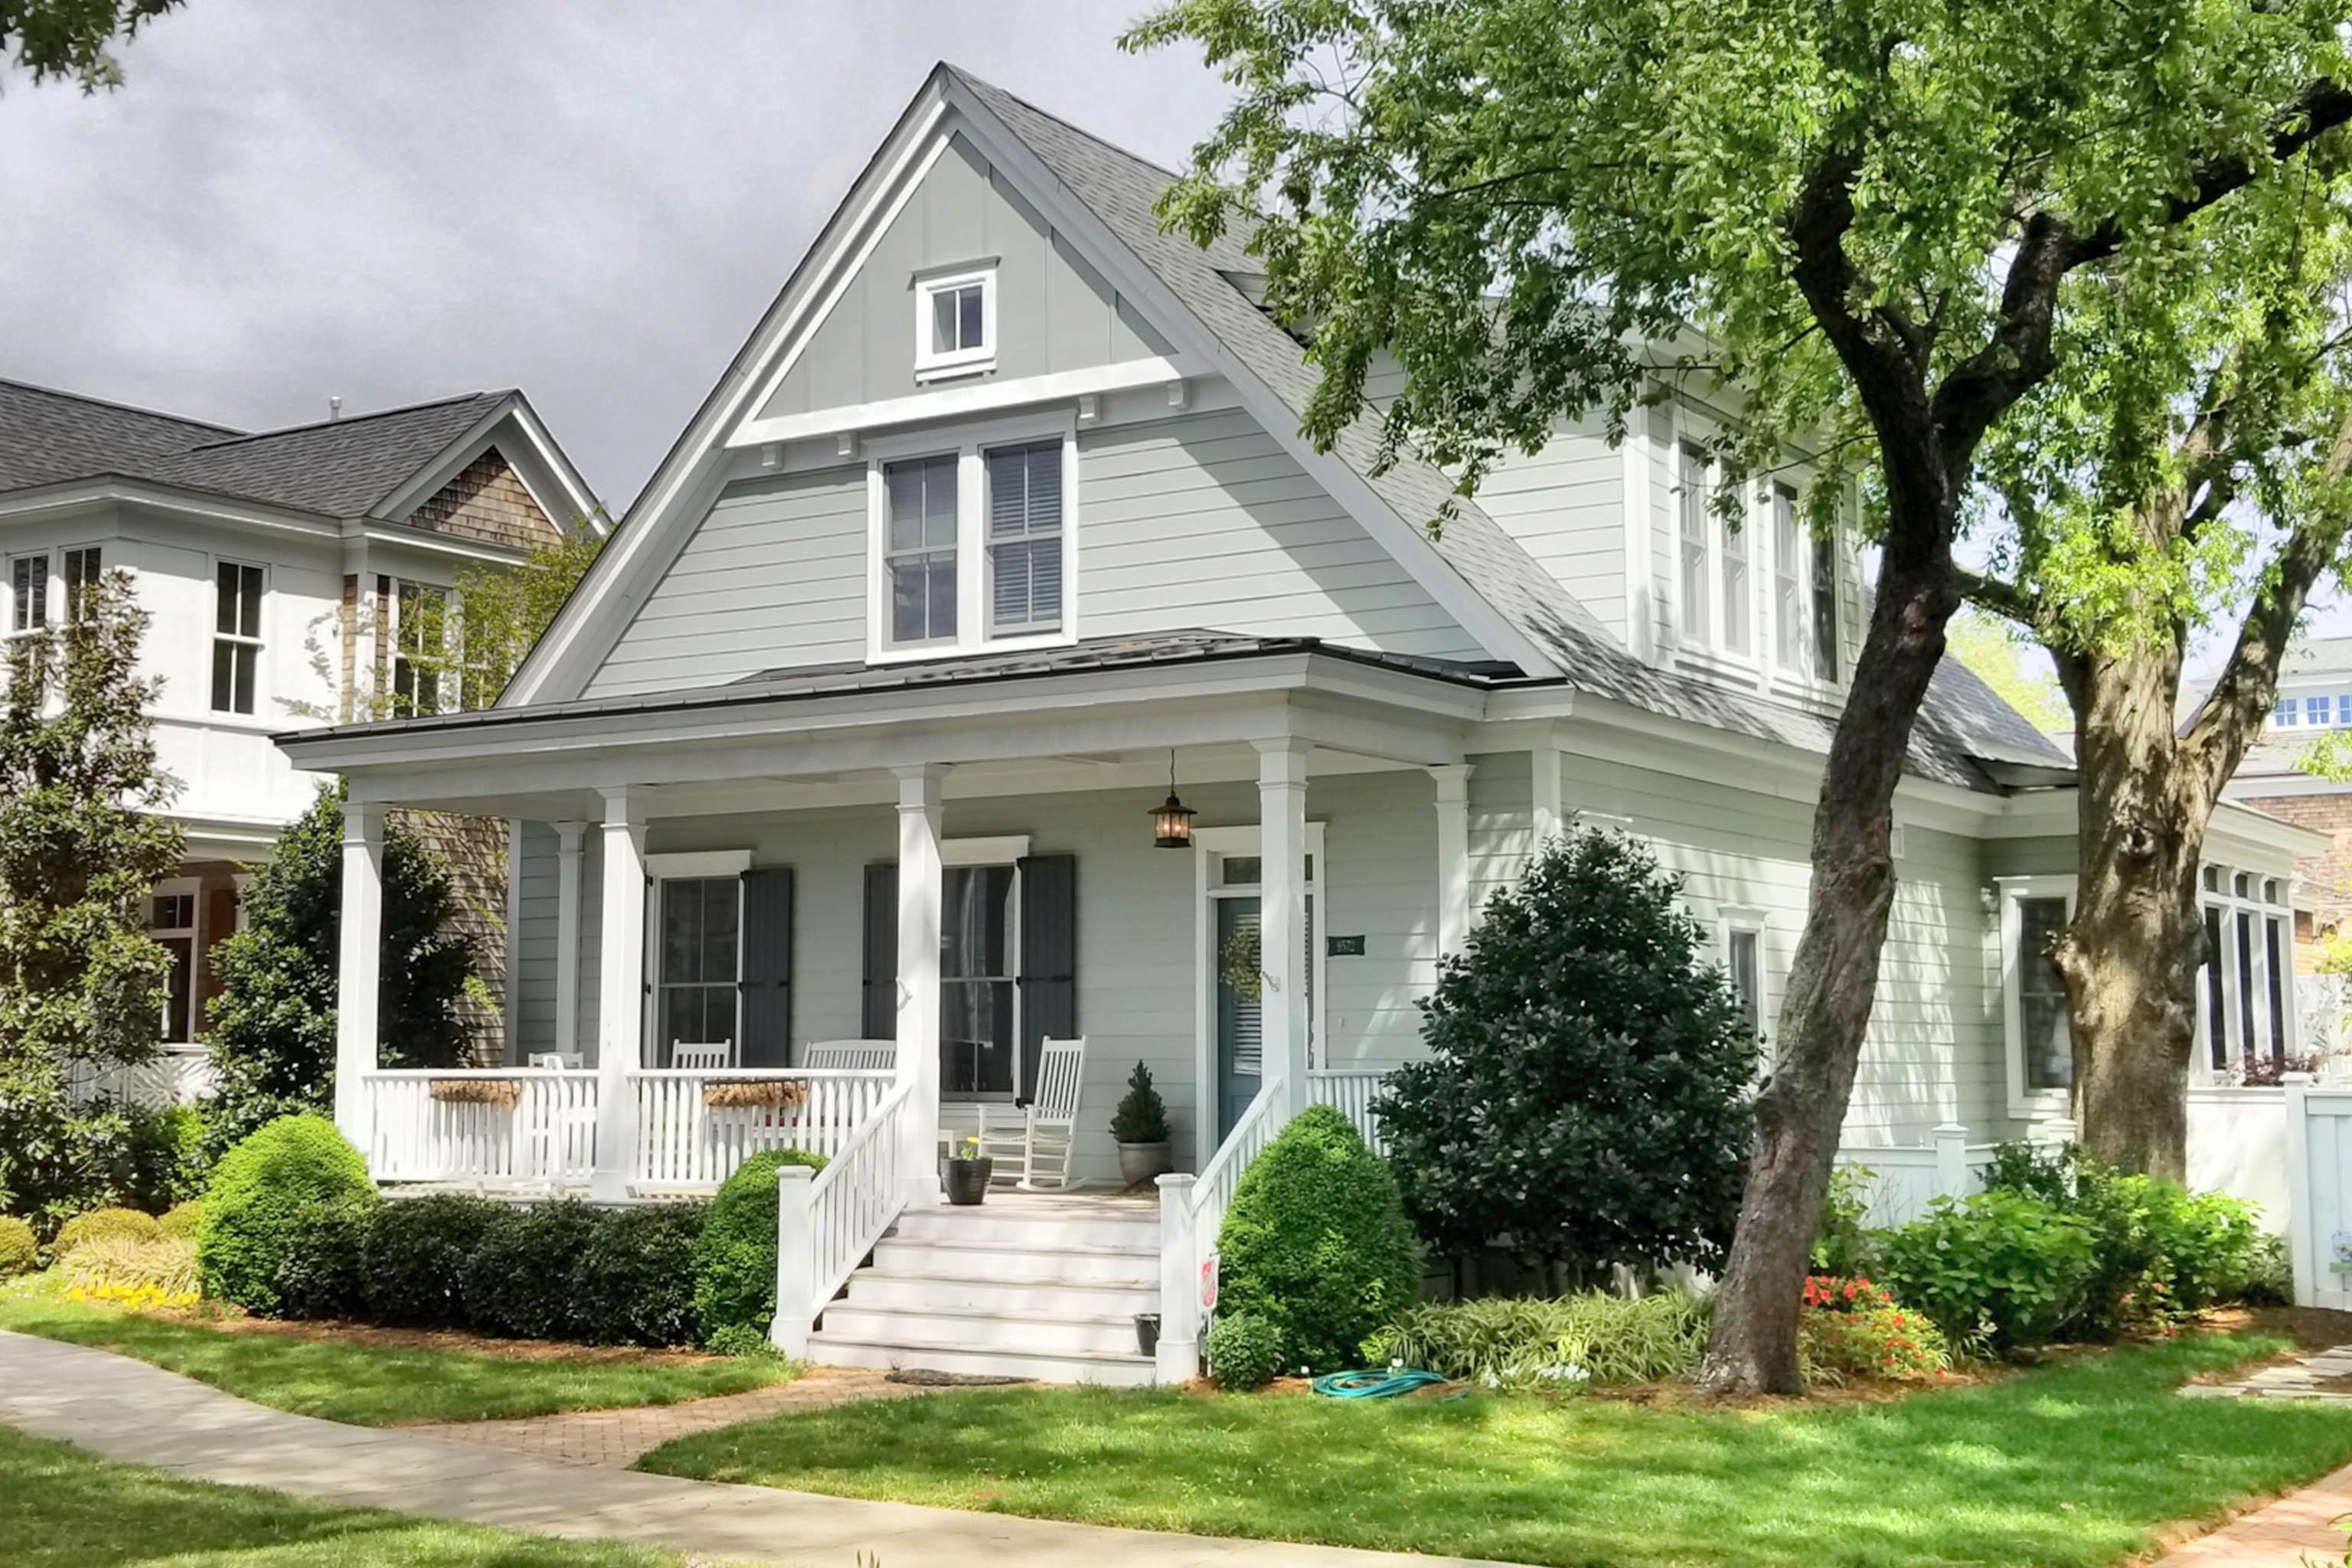 House Plan 302 - Blue River